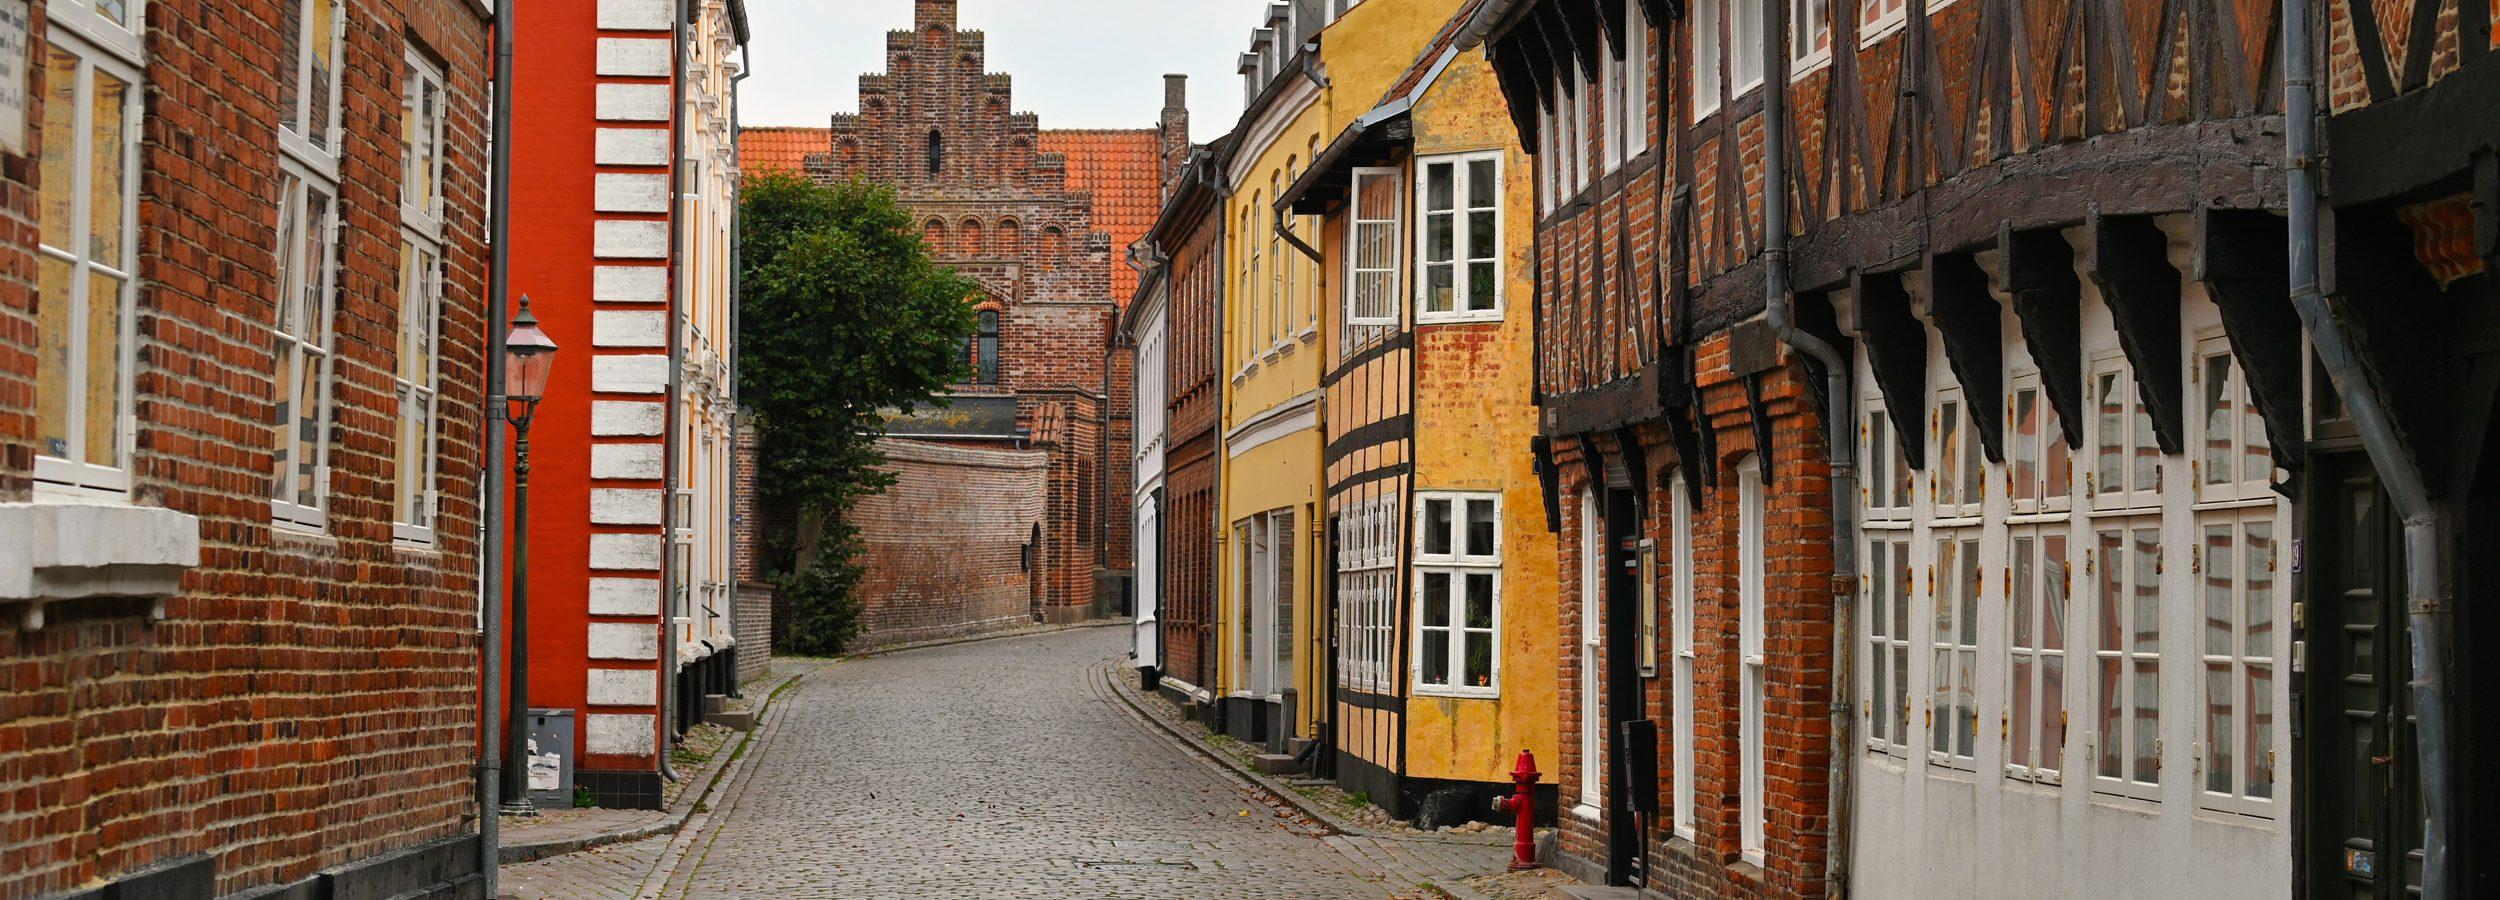 Ribe, najstarsze miasto Danii